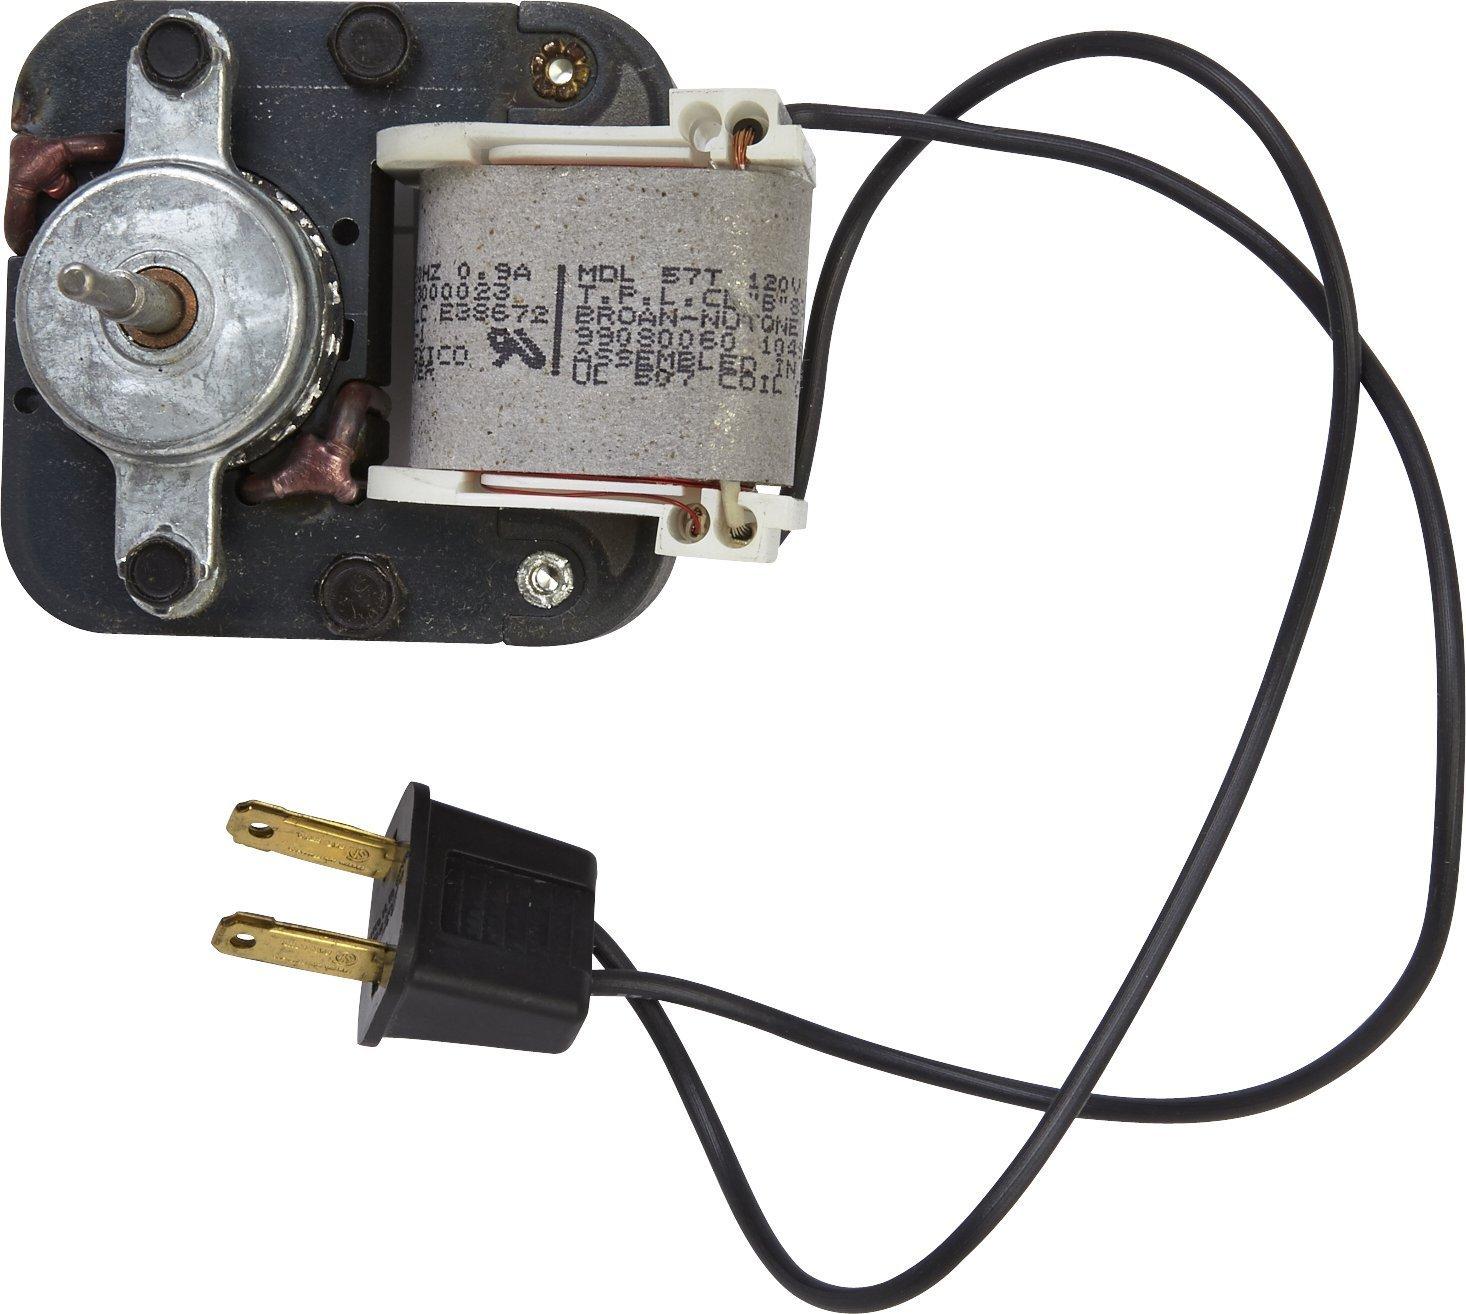 Genuine OEM S99080060 Broan Motor